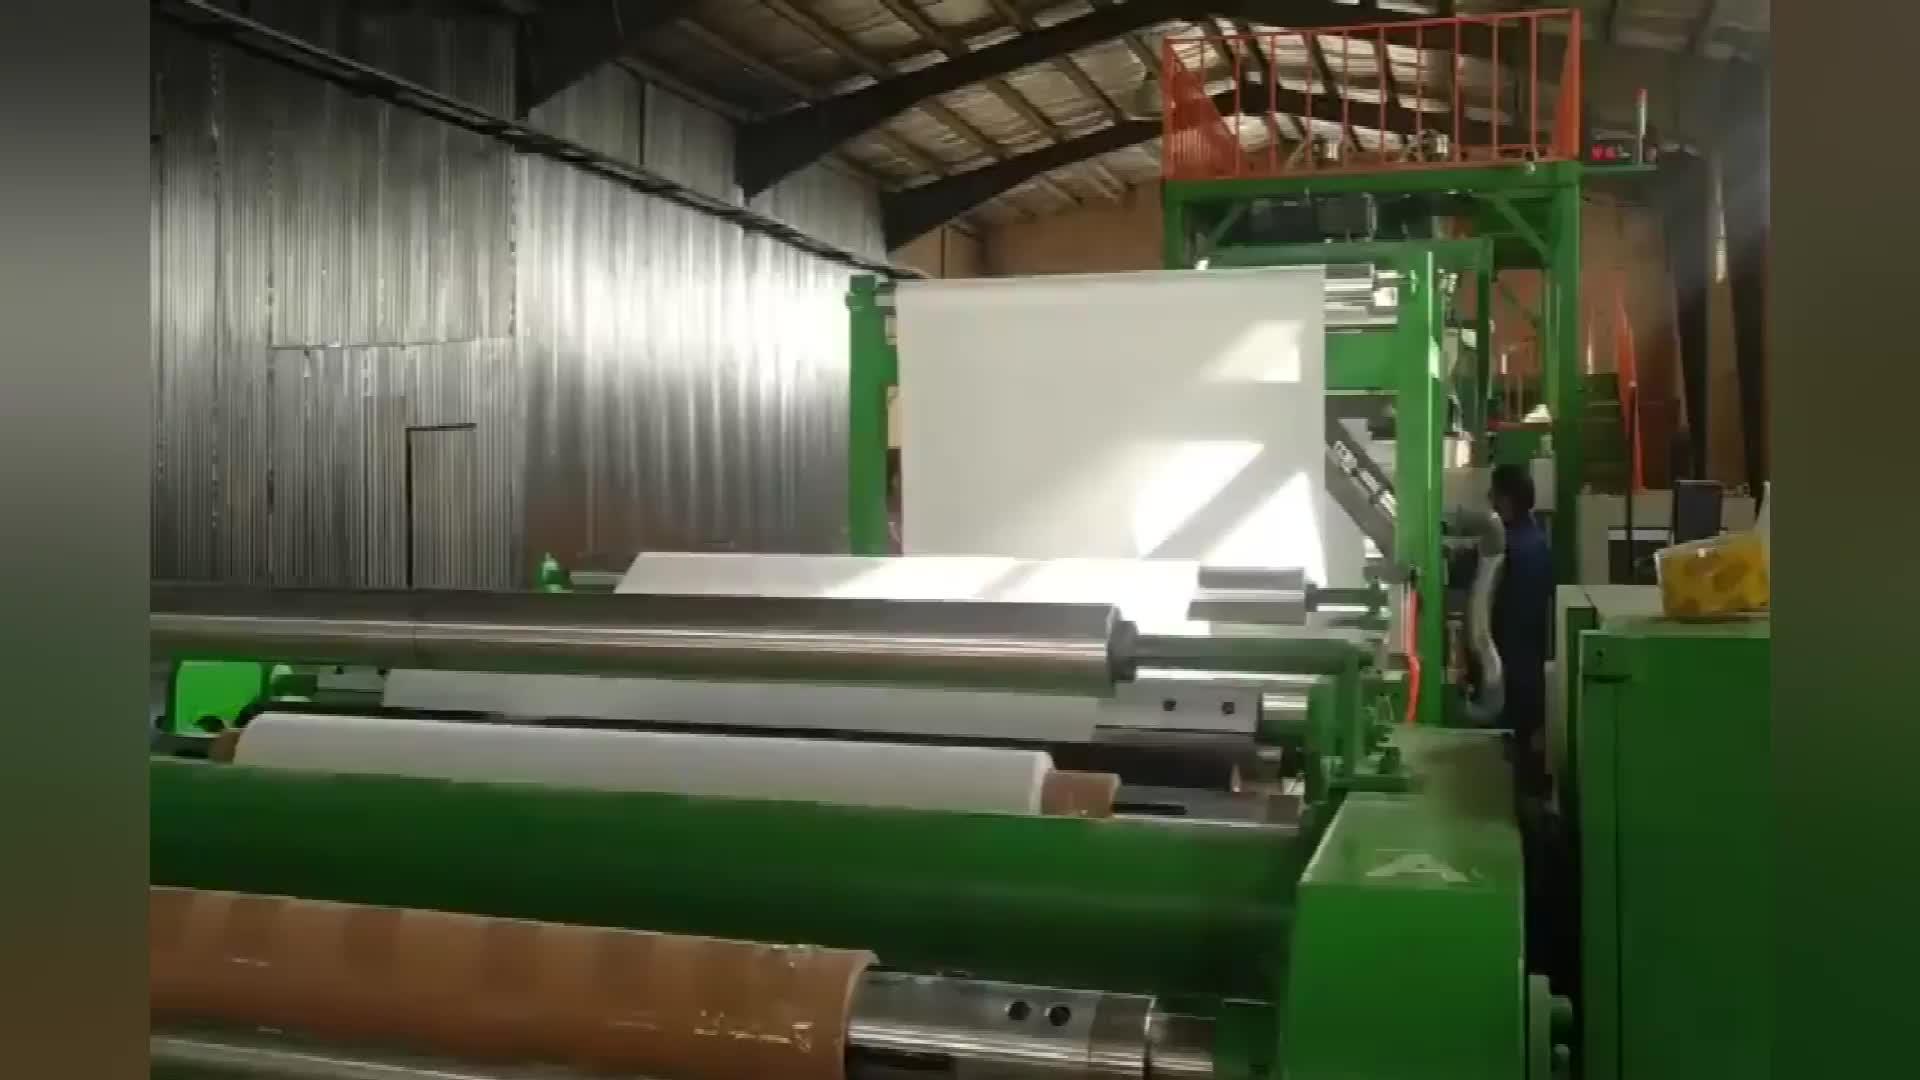 Stein papier produktion linie A4 stein drucken papier machen maschine aus stein